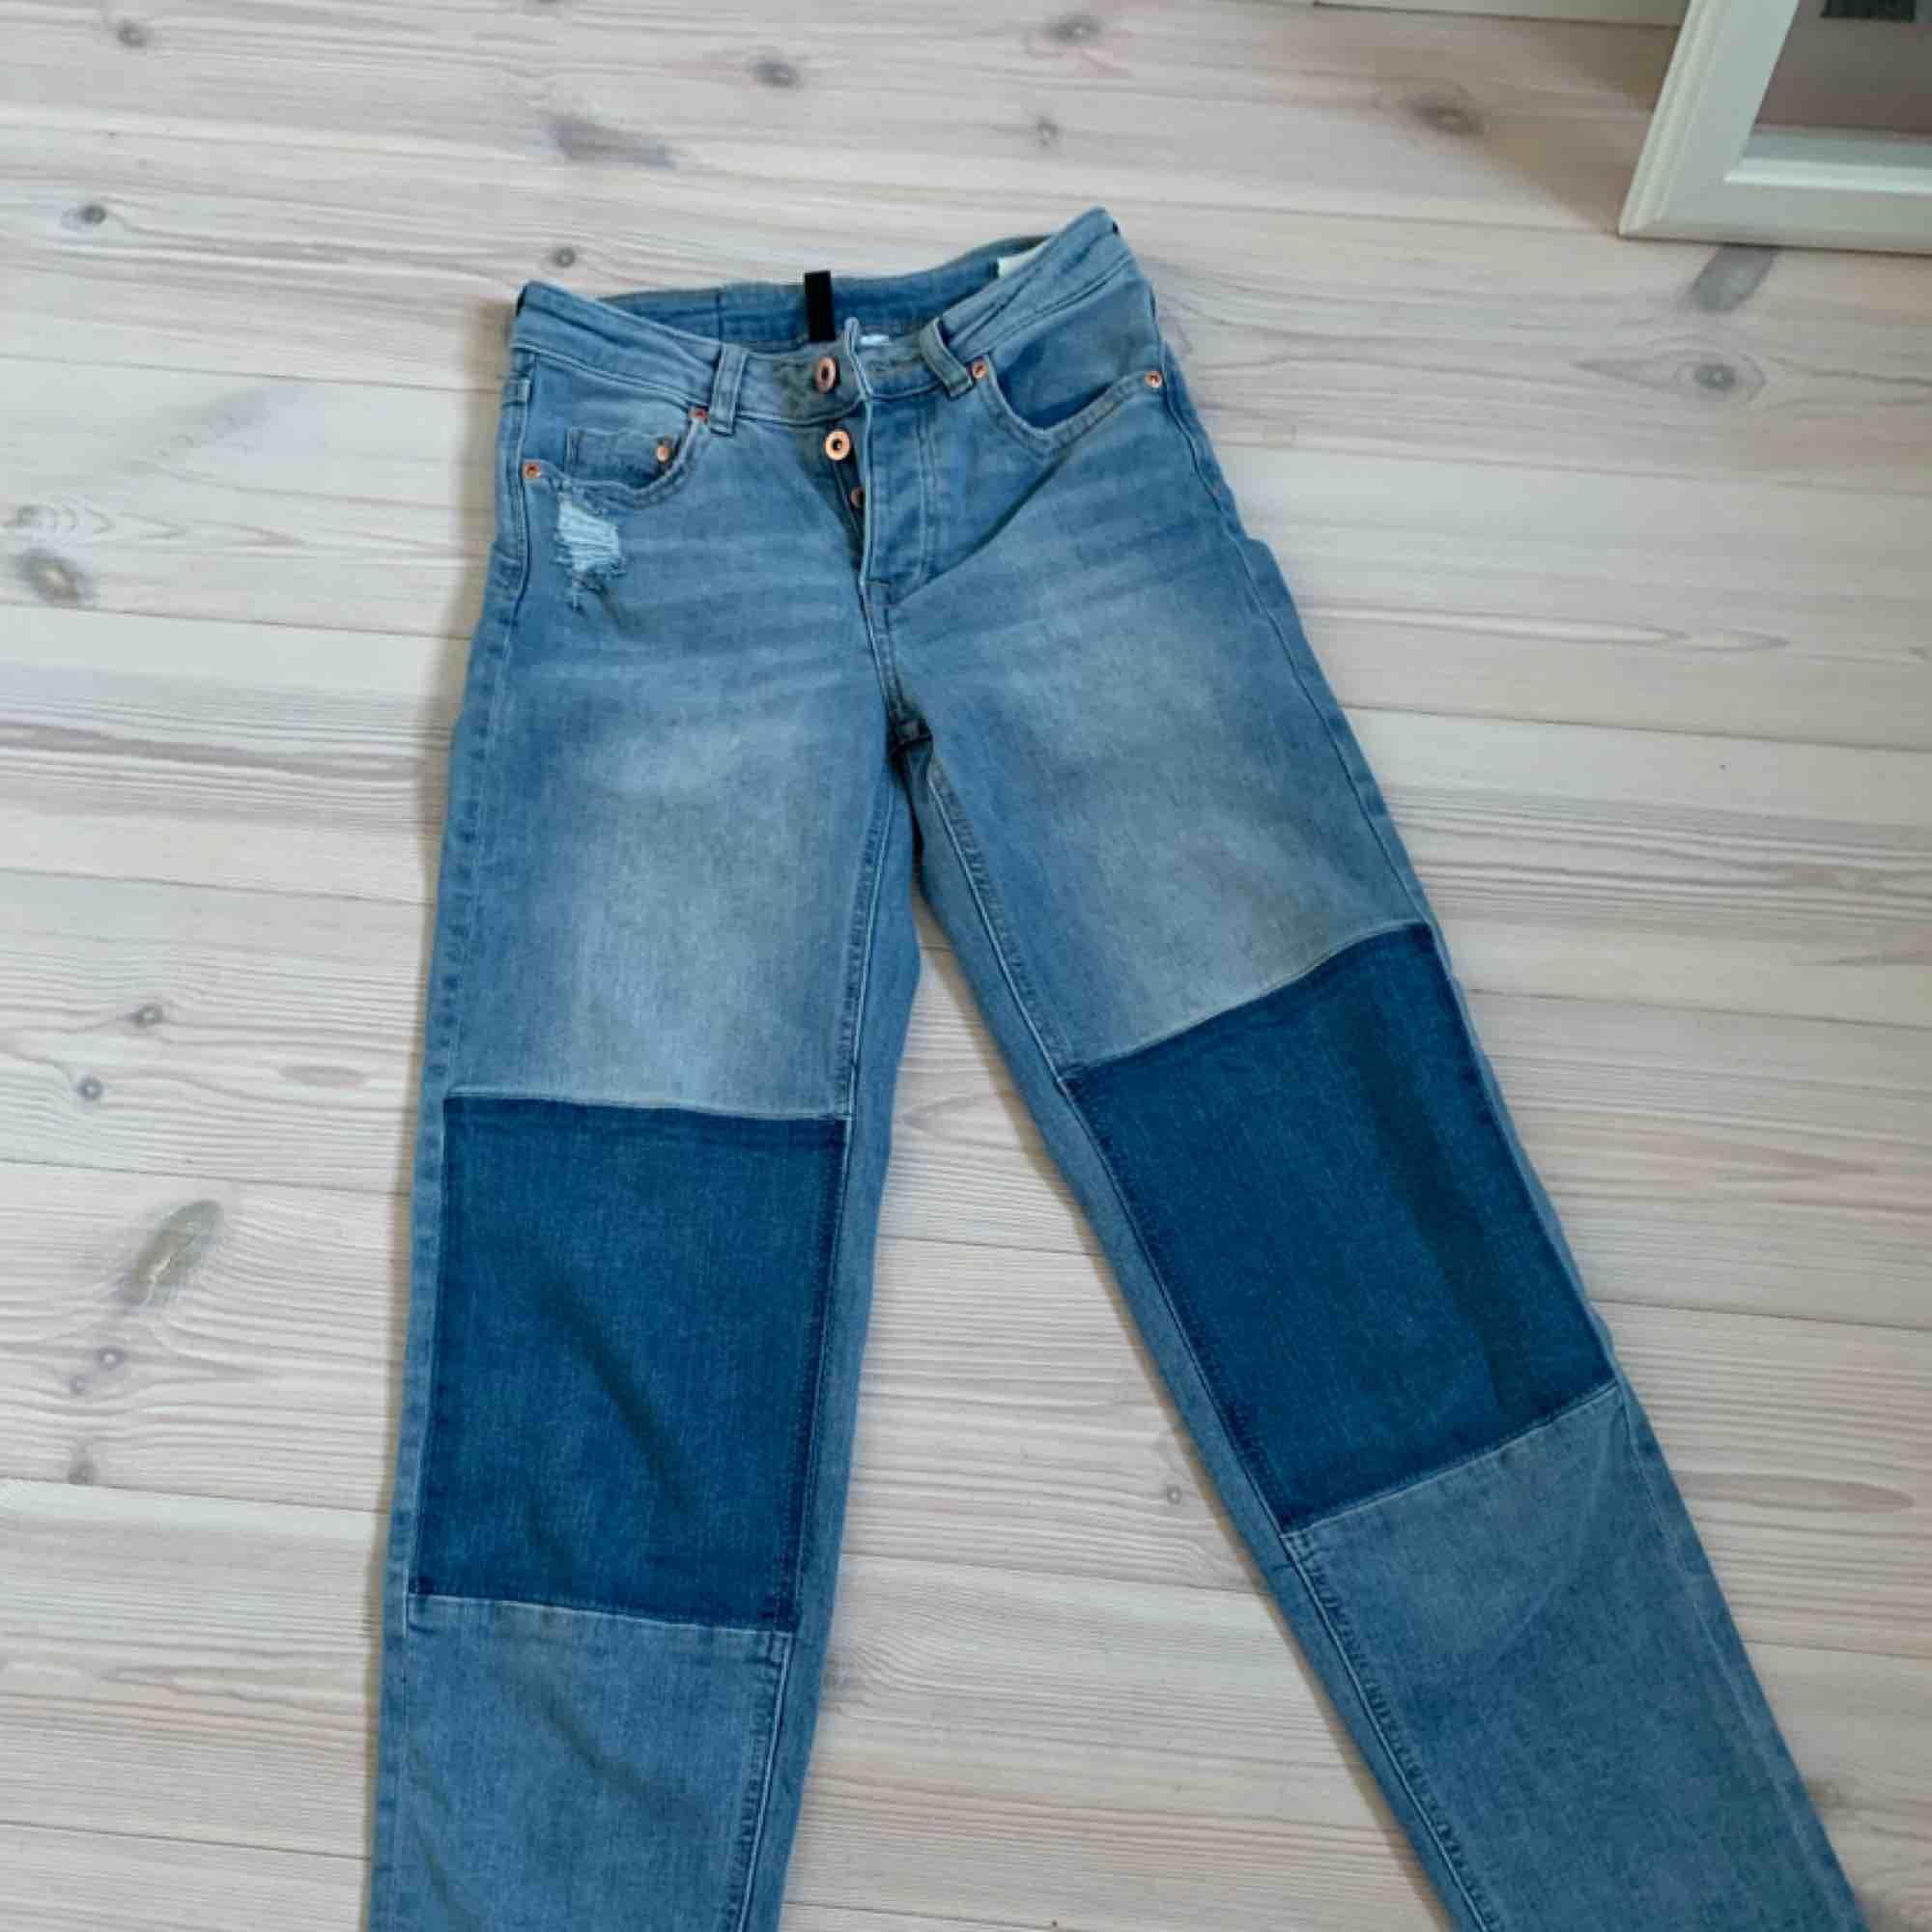 Jeans som är ihoplappade med olika färger på jeansen. Vid ankeln är byxbenet asymmetriskt och slitage på fram och bakfickan. Nästan aldrig använda. Jeans & Byxor.